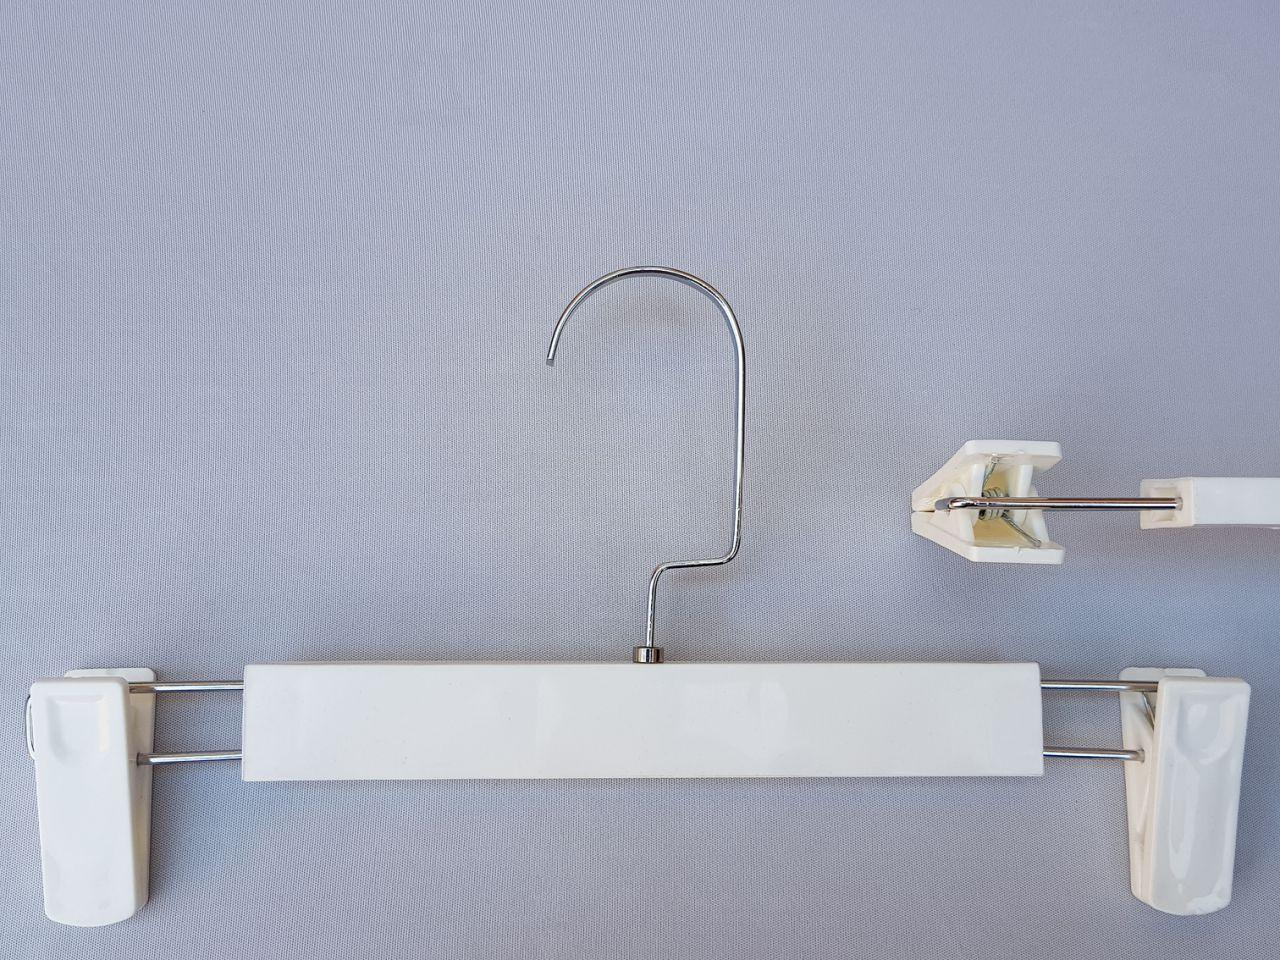 Длина 30 см. Плечики вешалки пластмассовые с прищепками зажимами для брюк и юбок белого цвета (глянцевые)